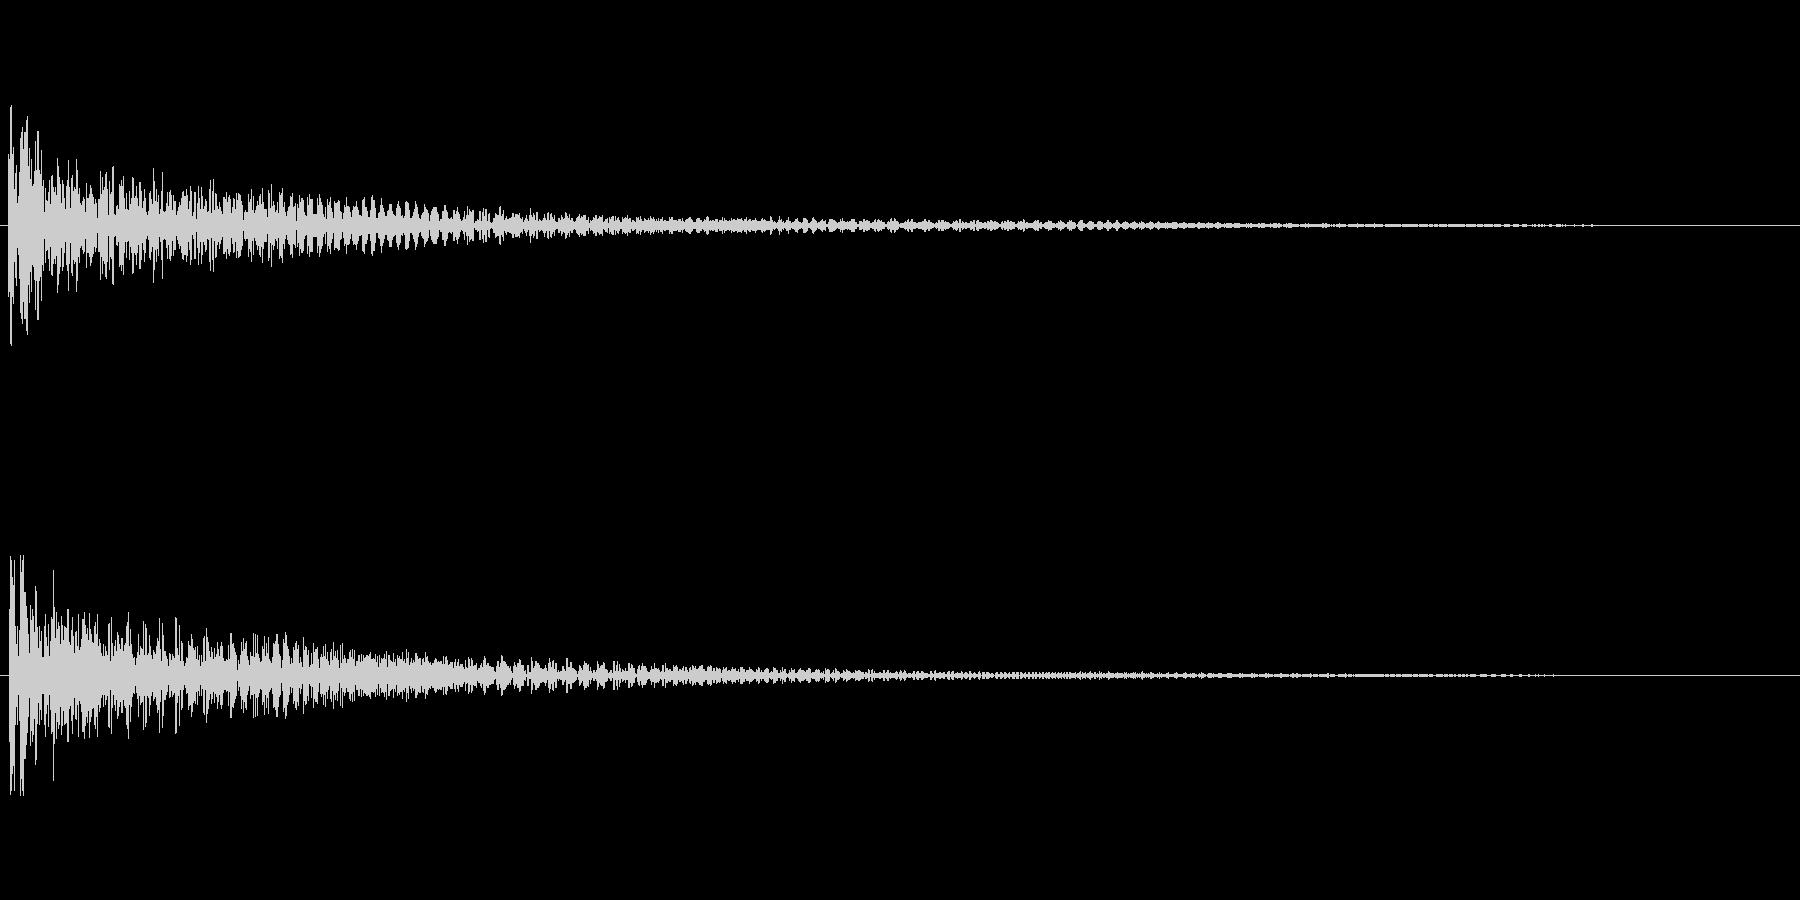 【衝撃02-1】の未再生の波形